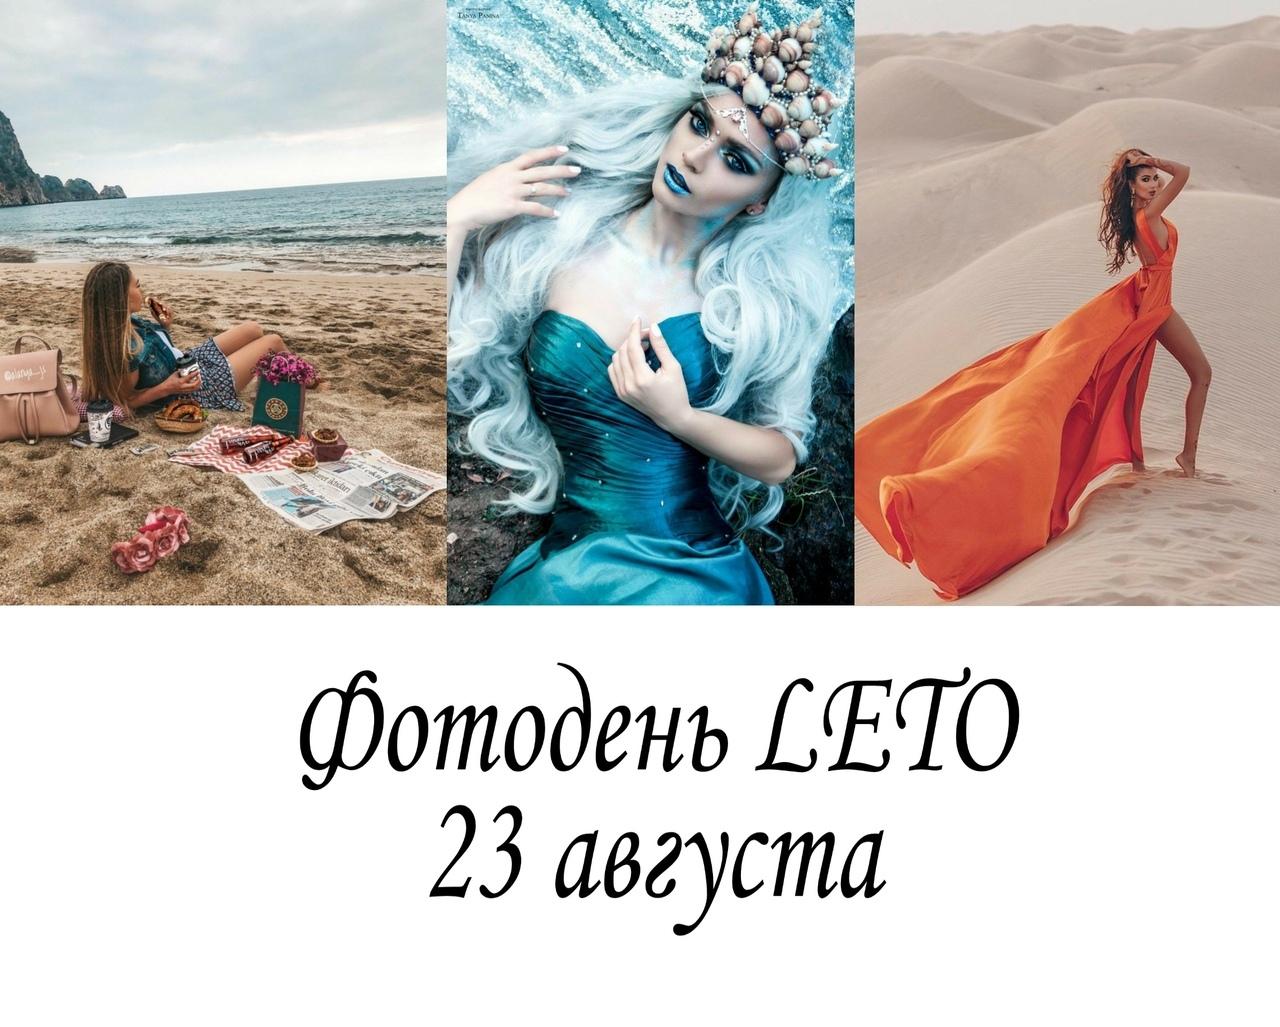 Афиша Тольятти Фотодень LETO 23 августа Тольятти